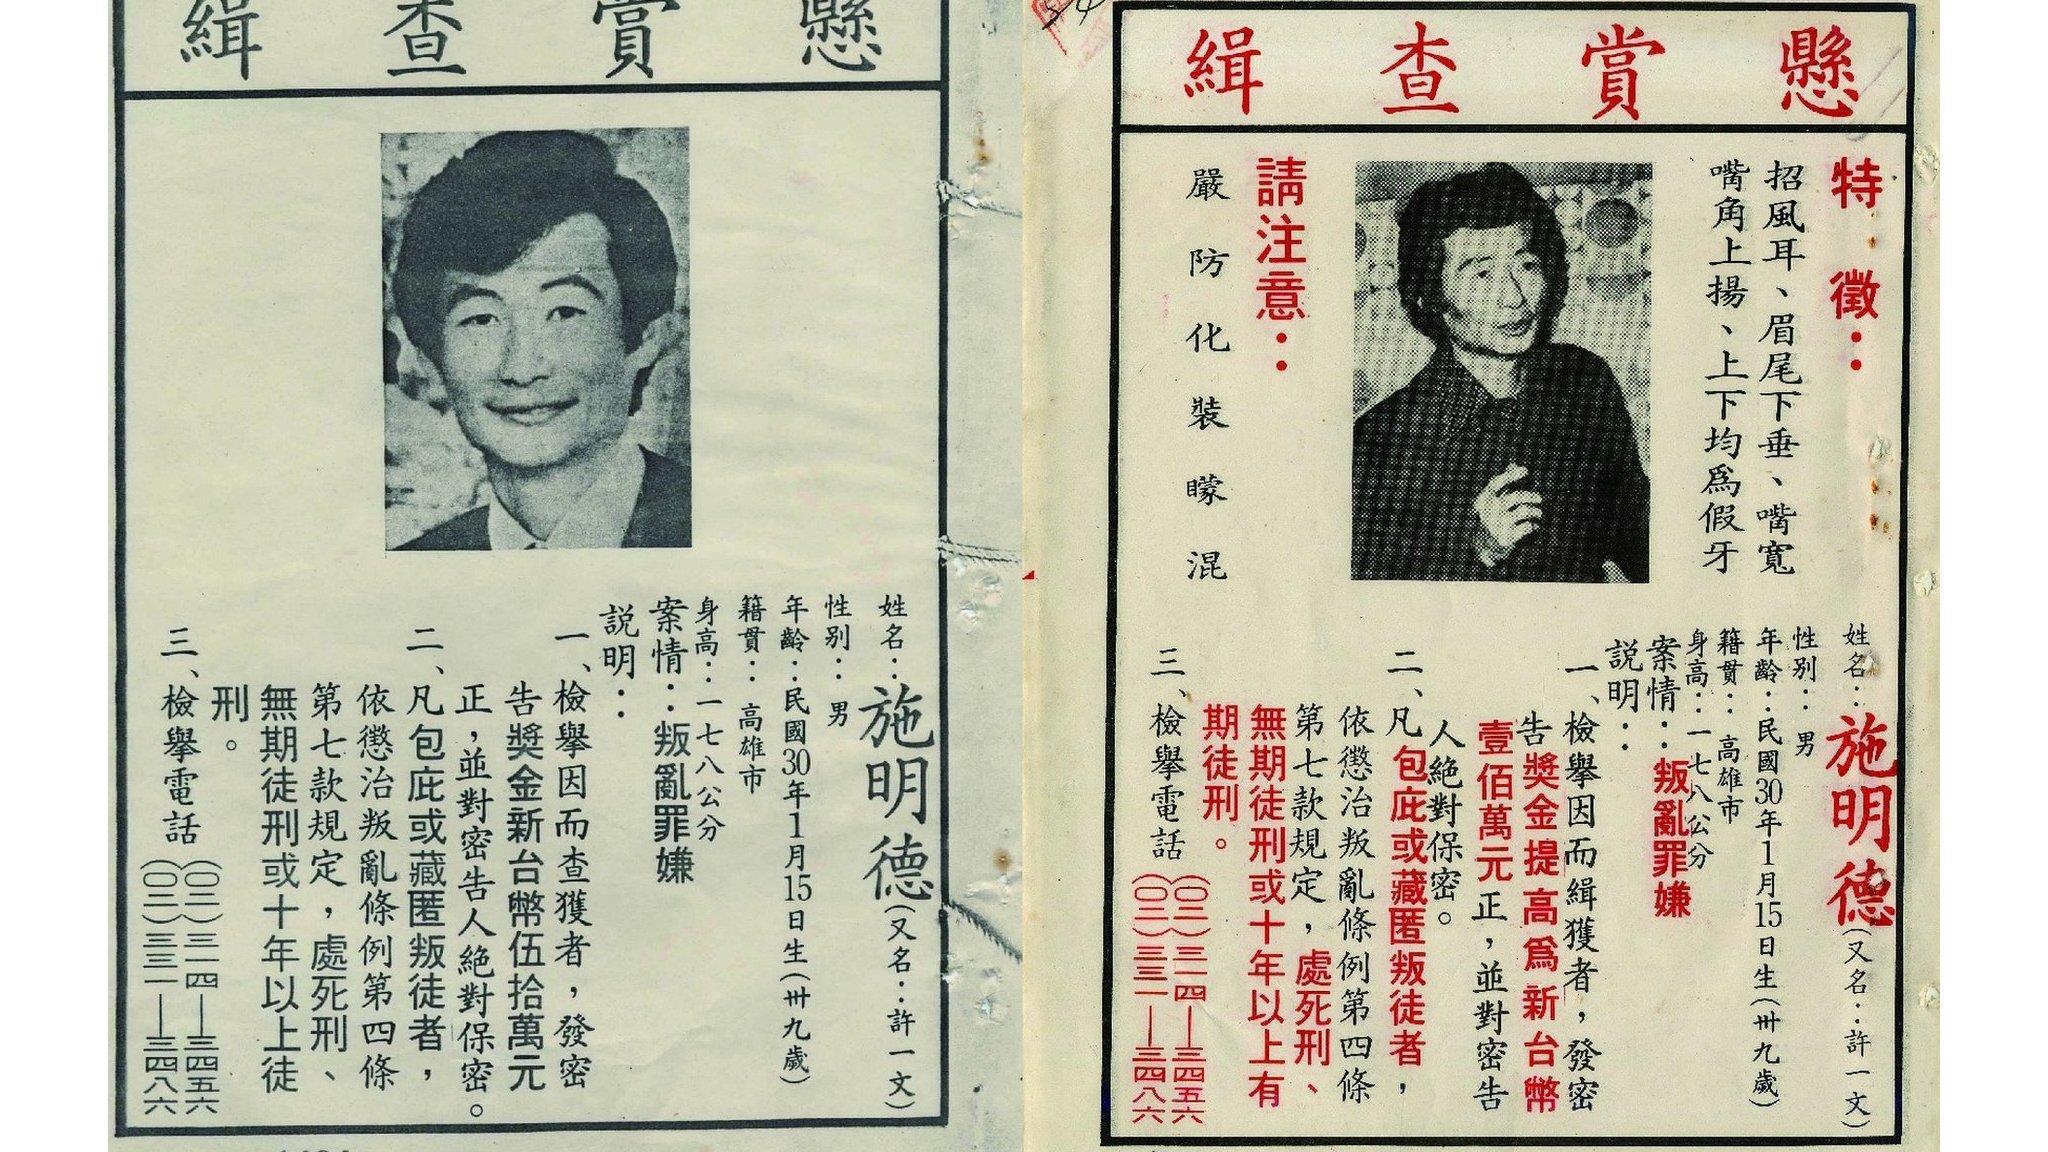 美麗島事件40週年:盤點重要政治人物參與見證台灣民主化